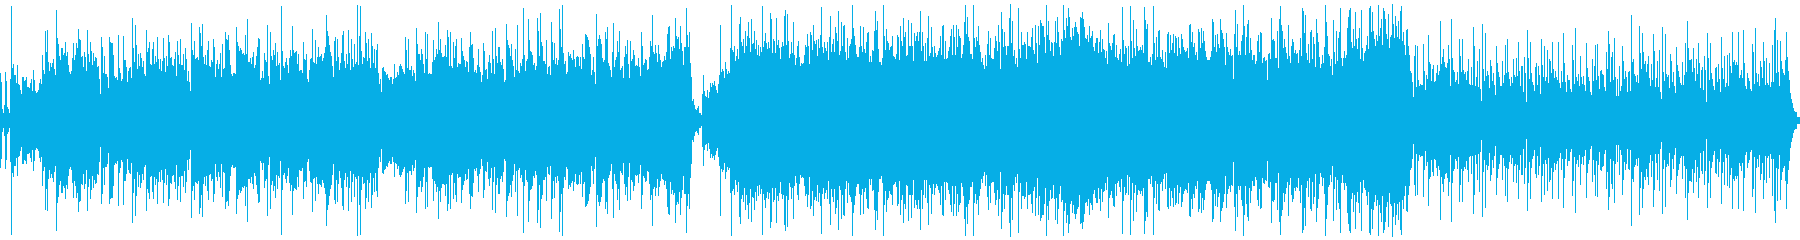 【ループ】情熱大陸のようなBGMの再生済みの波形